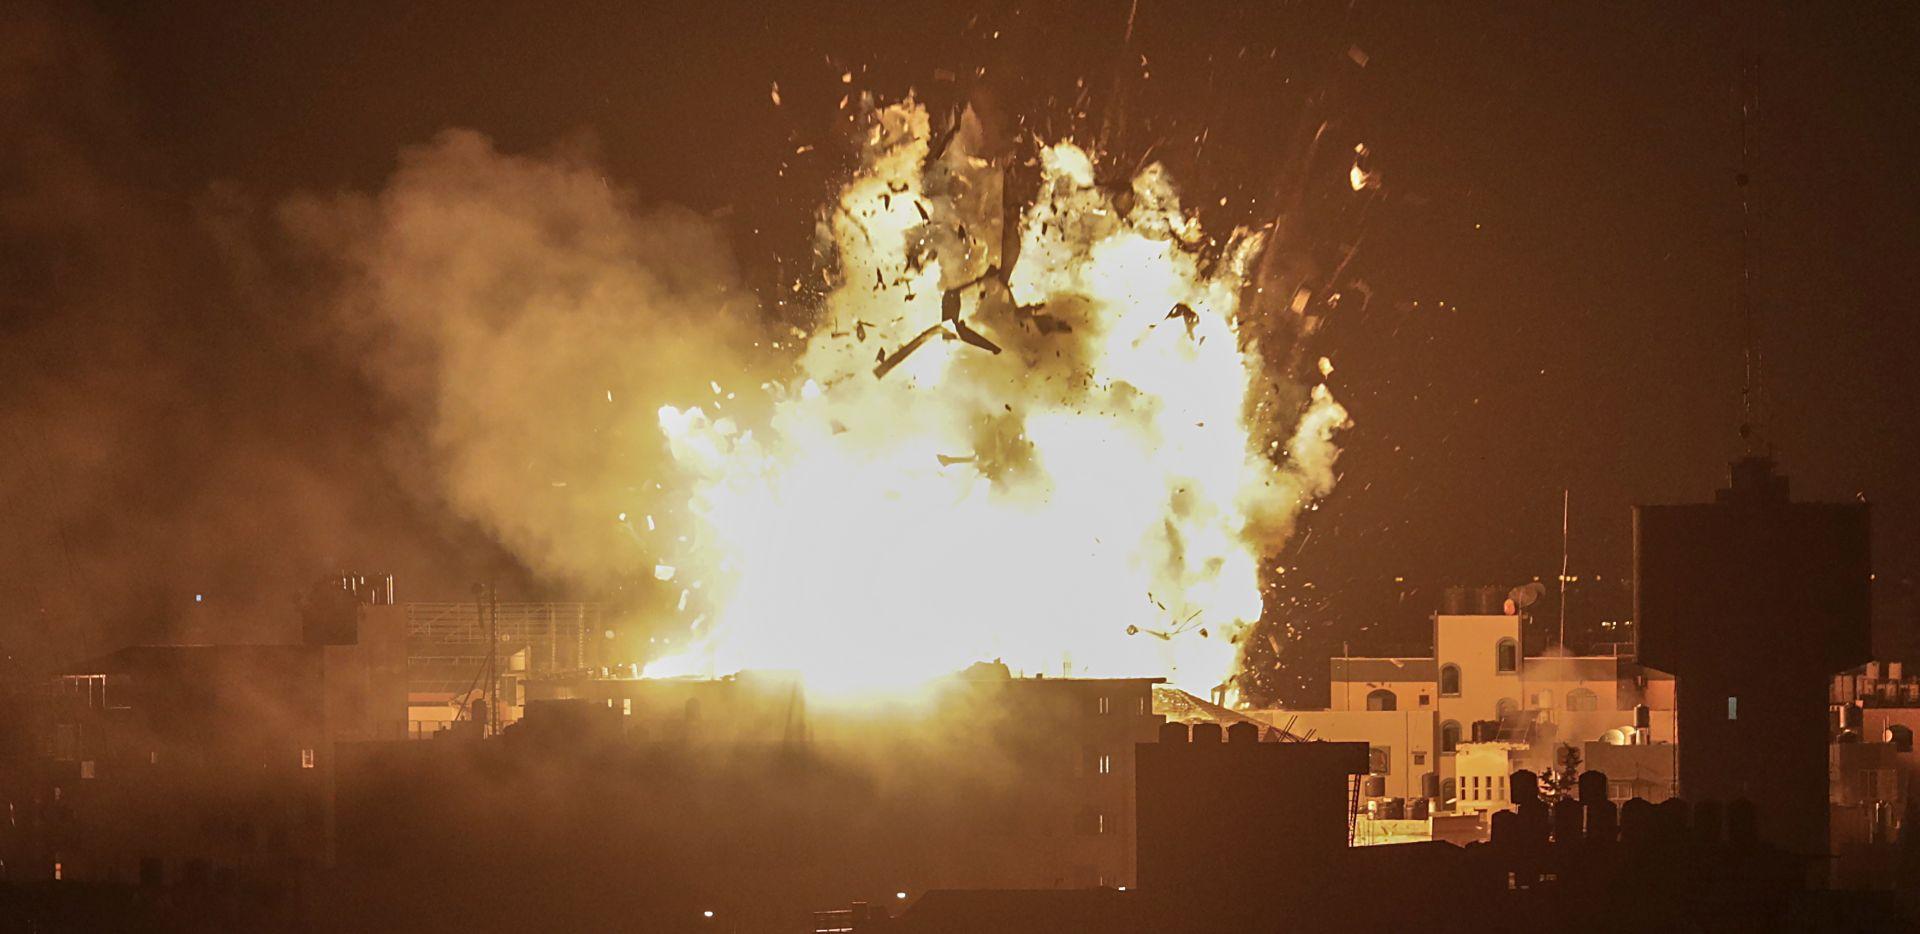 Izraelsko zrakoplovstvo uništilo zgradu Hamasove televizije